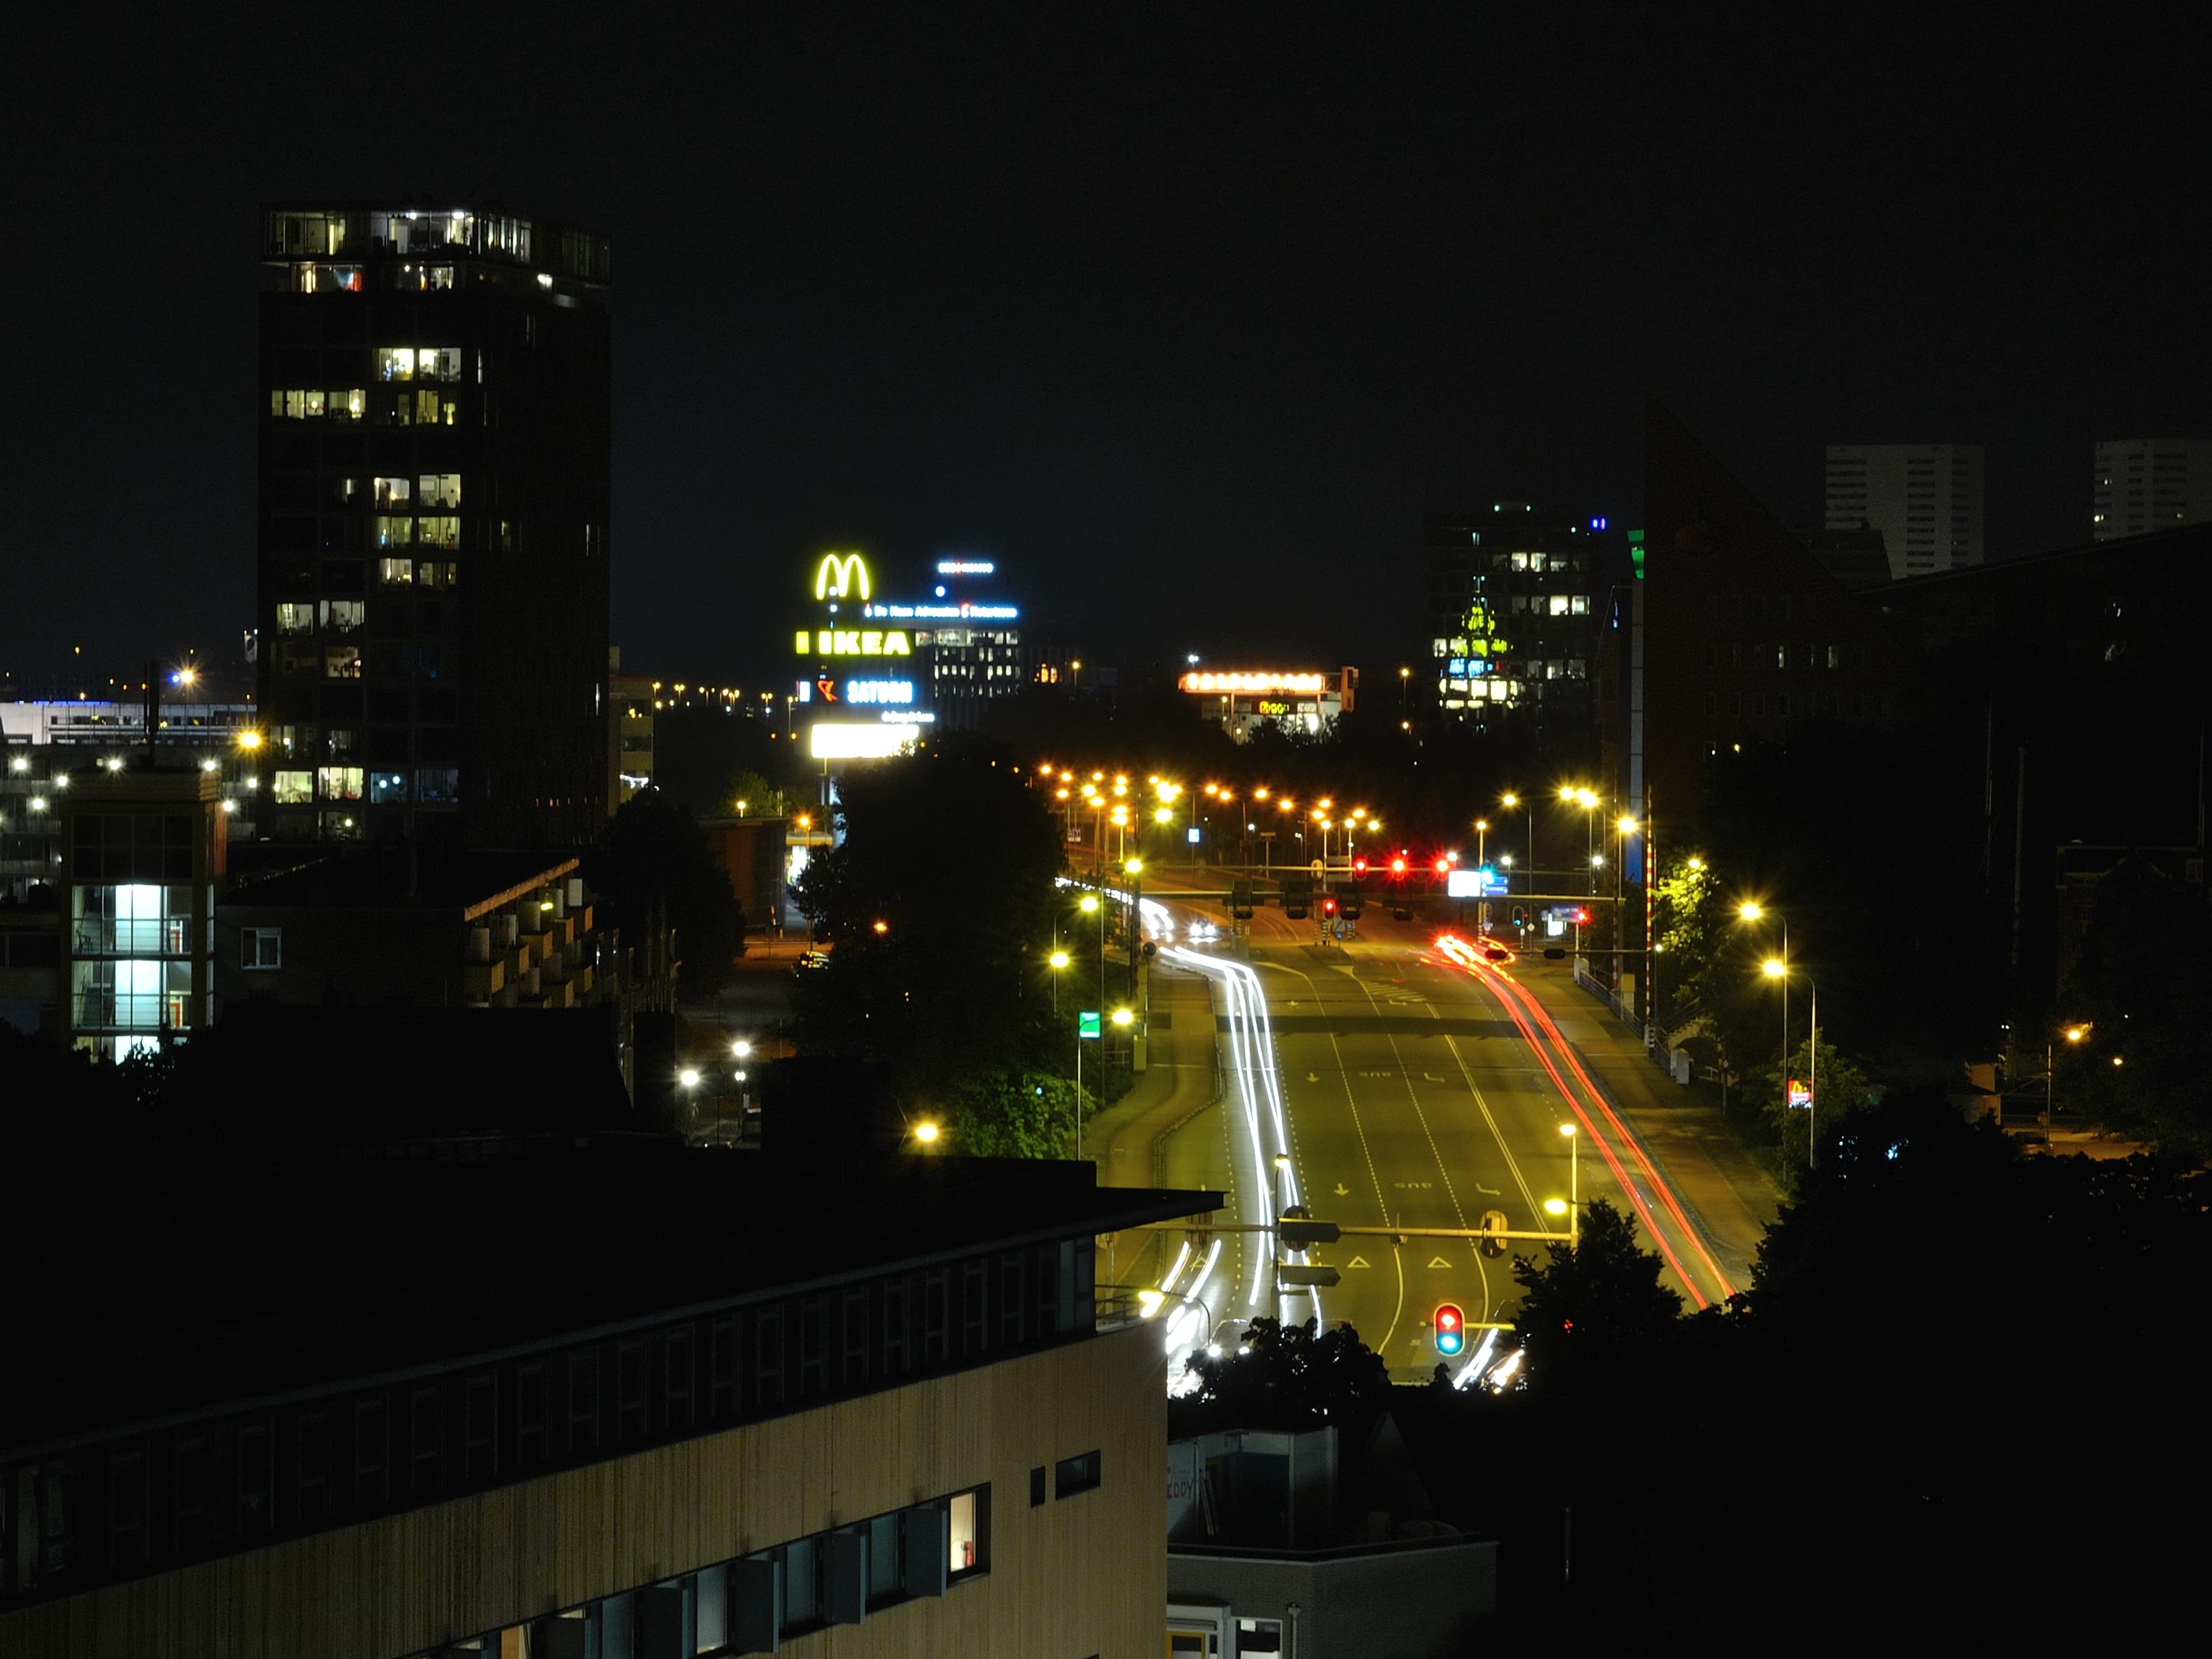 licht horizon nacht stad wolkenkrabber stadsgezicht downtown schemer avond duisternis verlichting holland lange blootstelling groningen metropolis